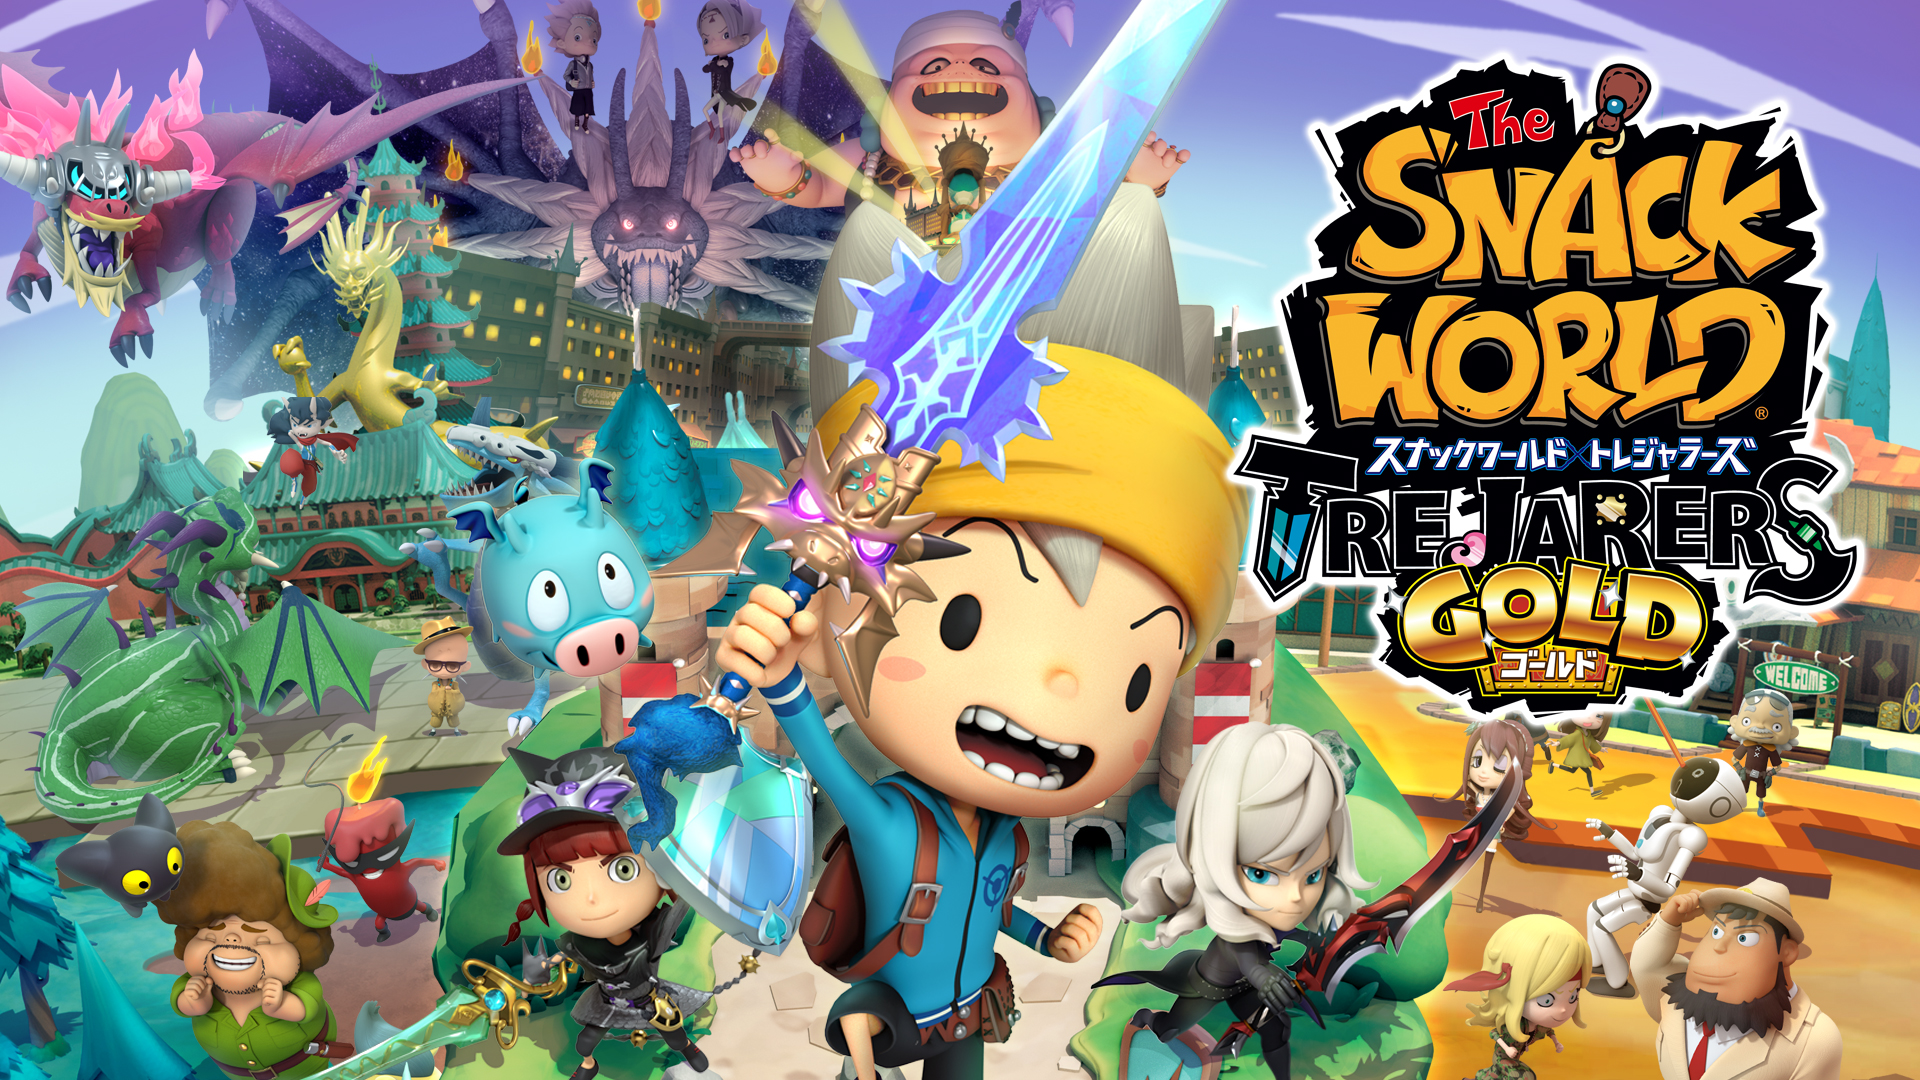 Nintendo Switch|ダウンロード購入|スナックワールド トレジャラーズ ゴールド